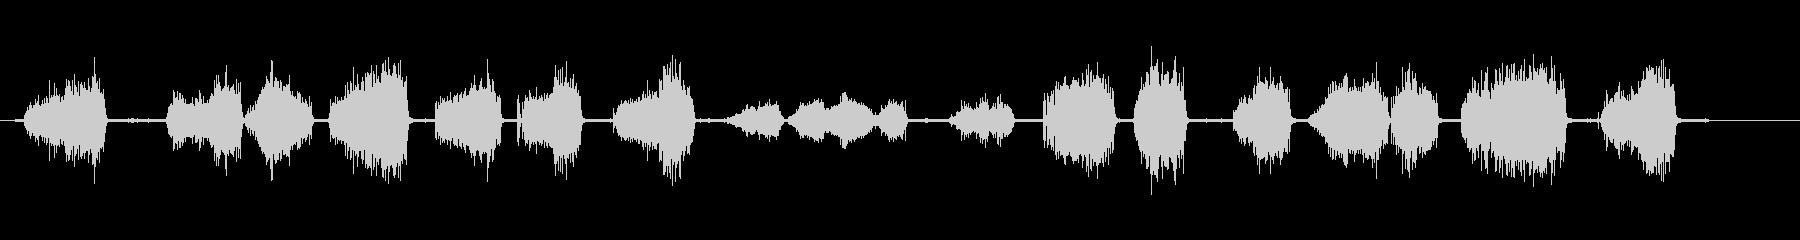 グラインダー、電気、金属、ツール;...の未再生の波形